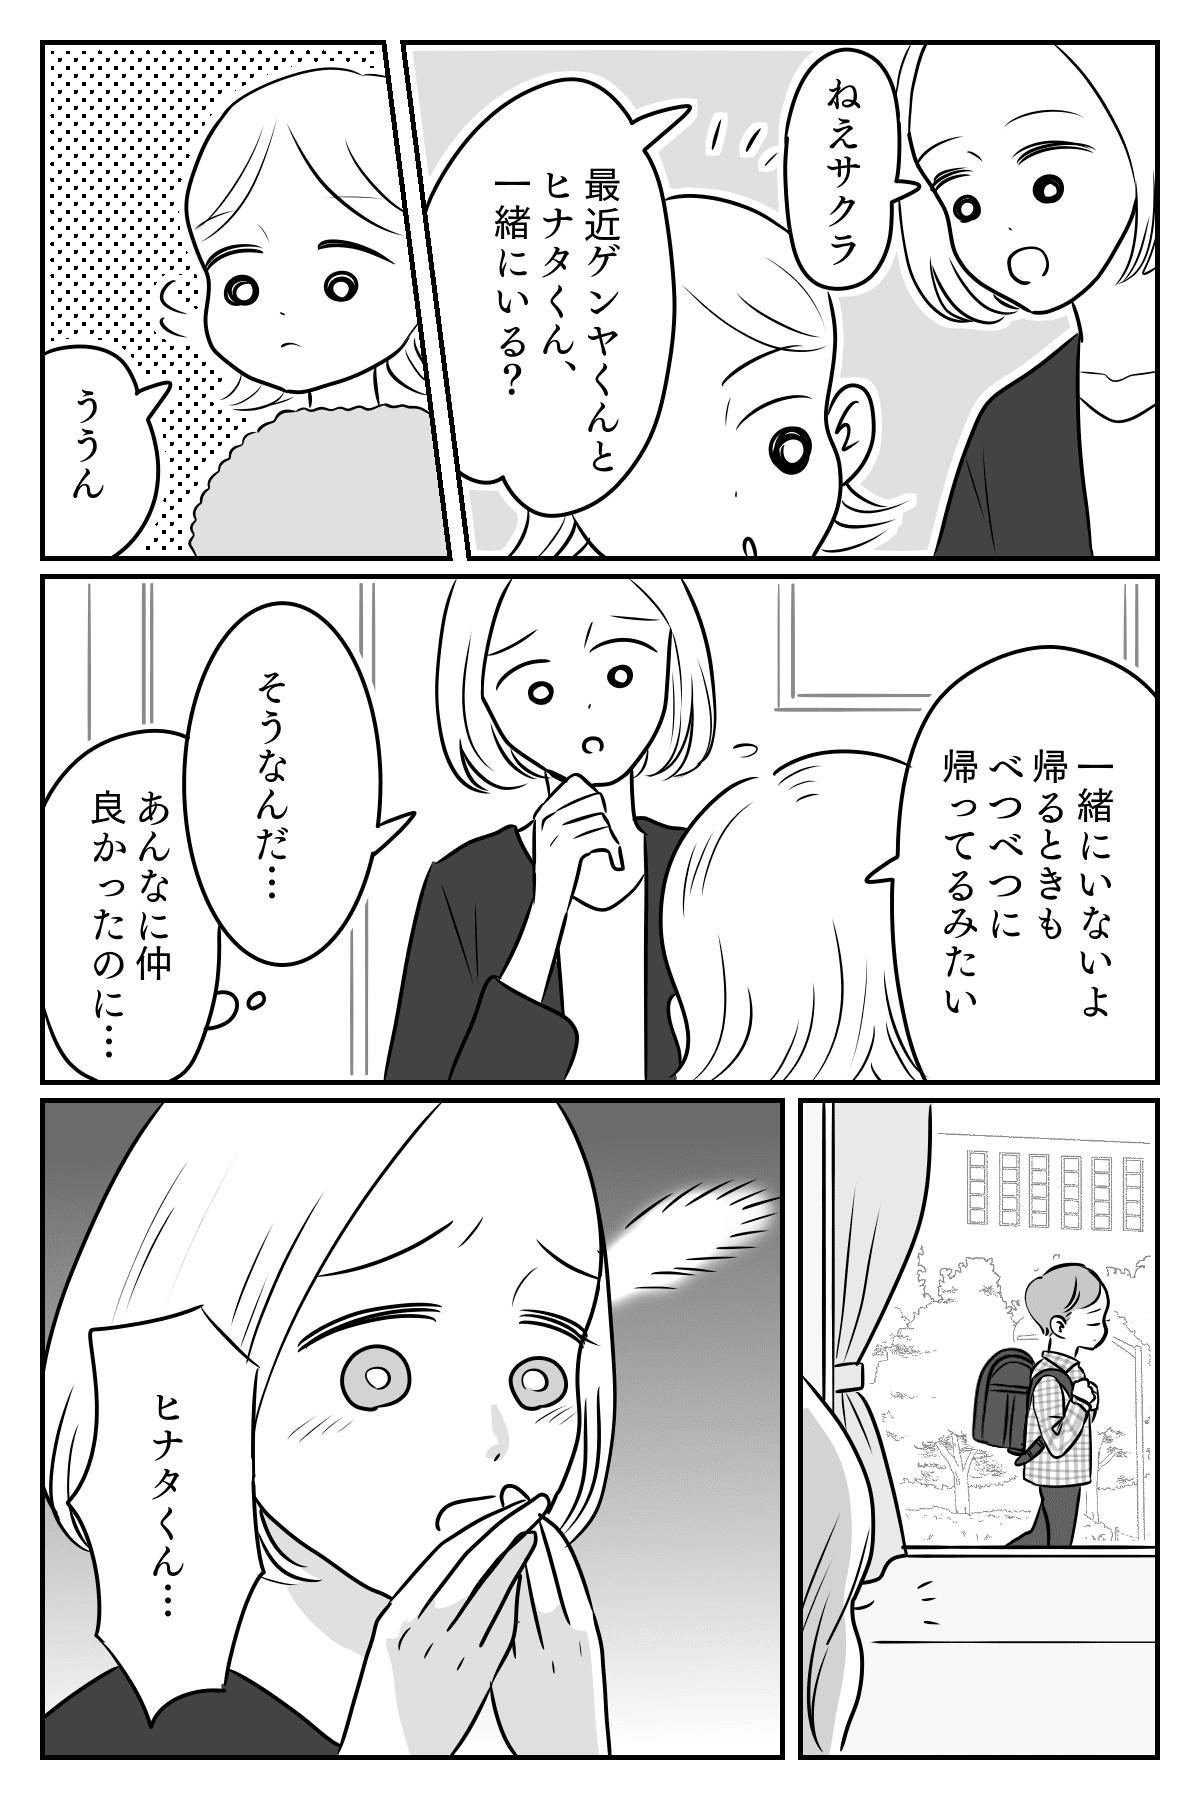 巻き込まれ1-3